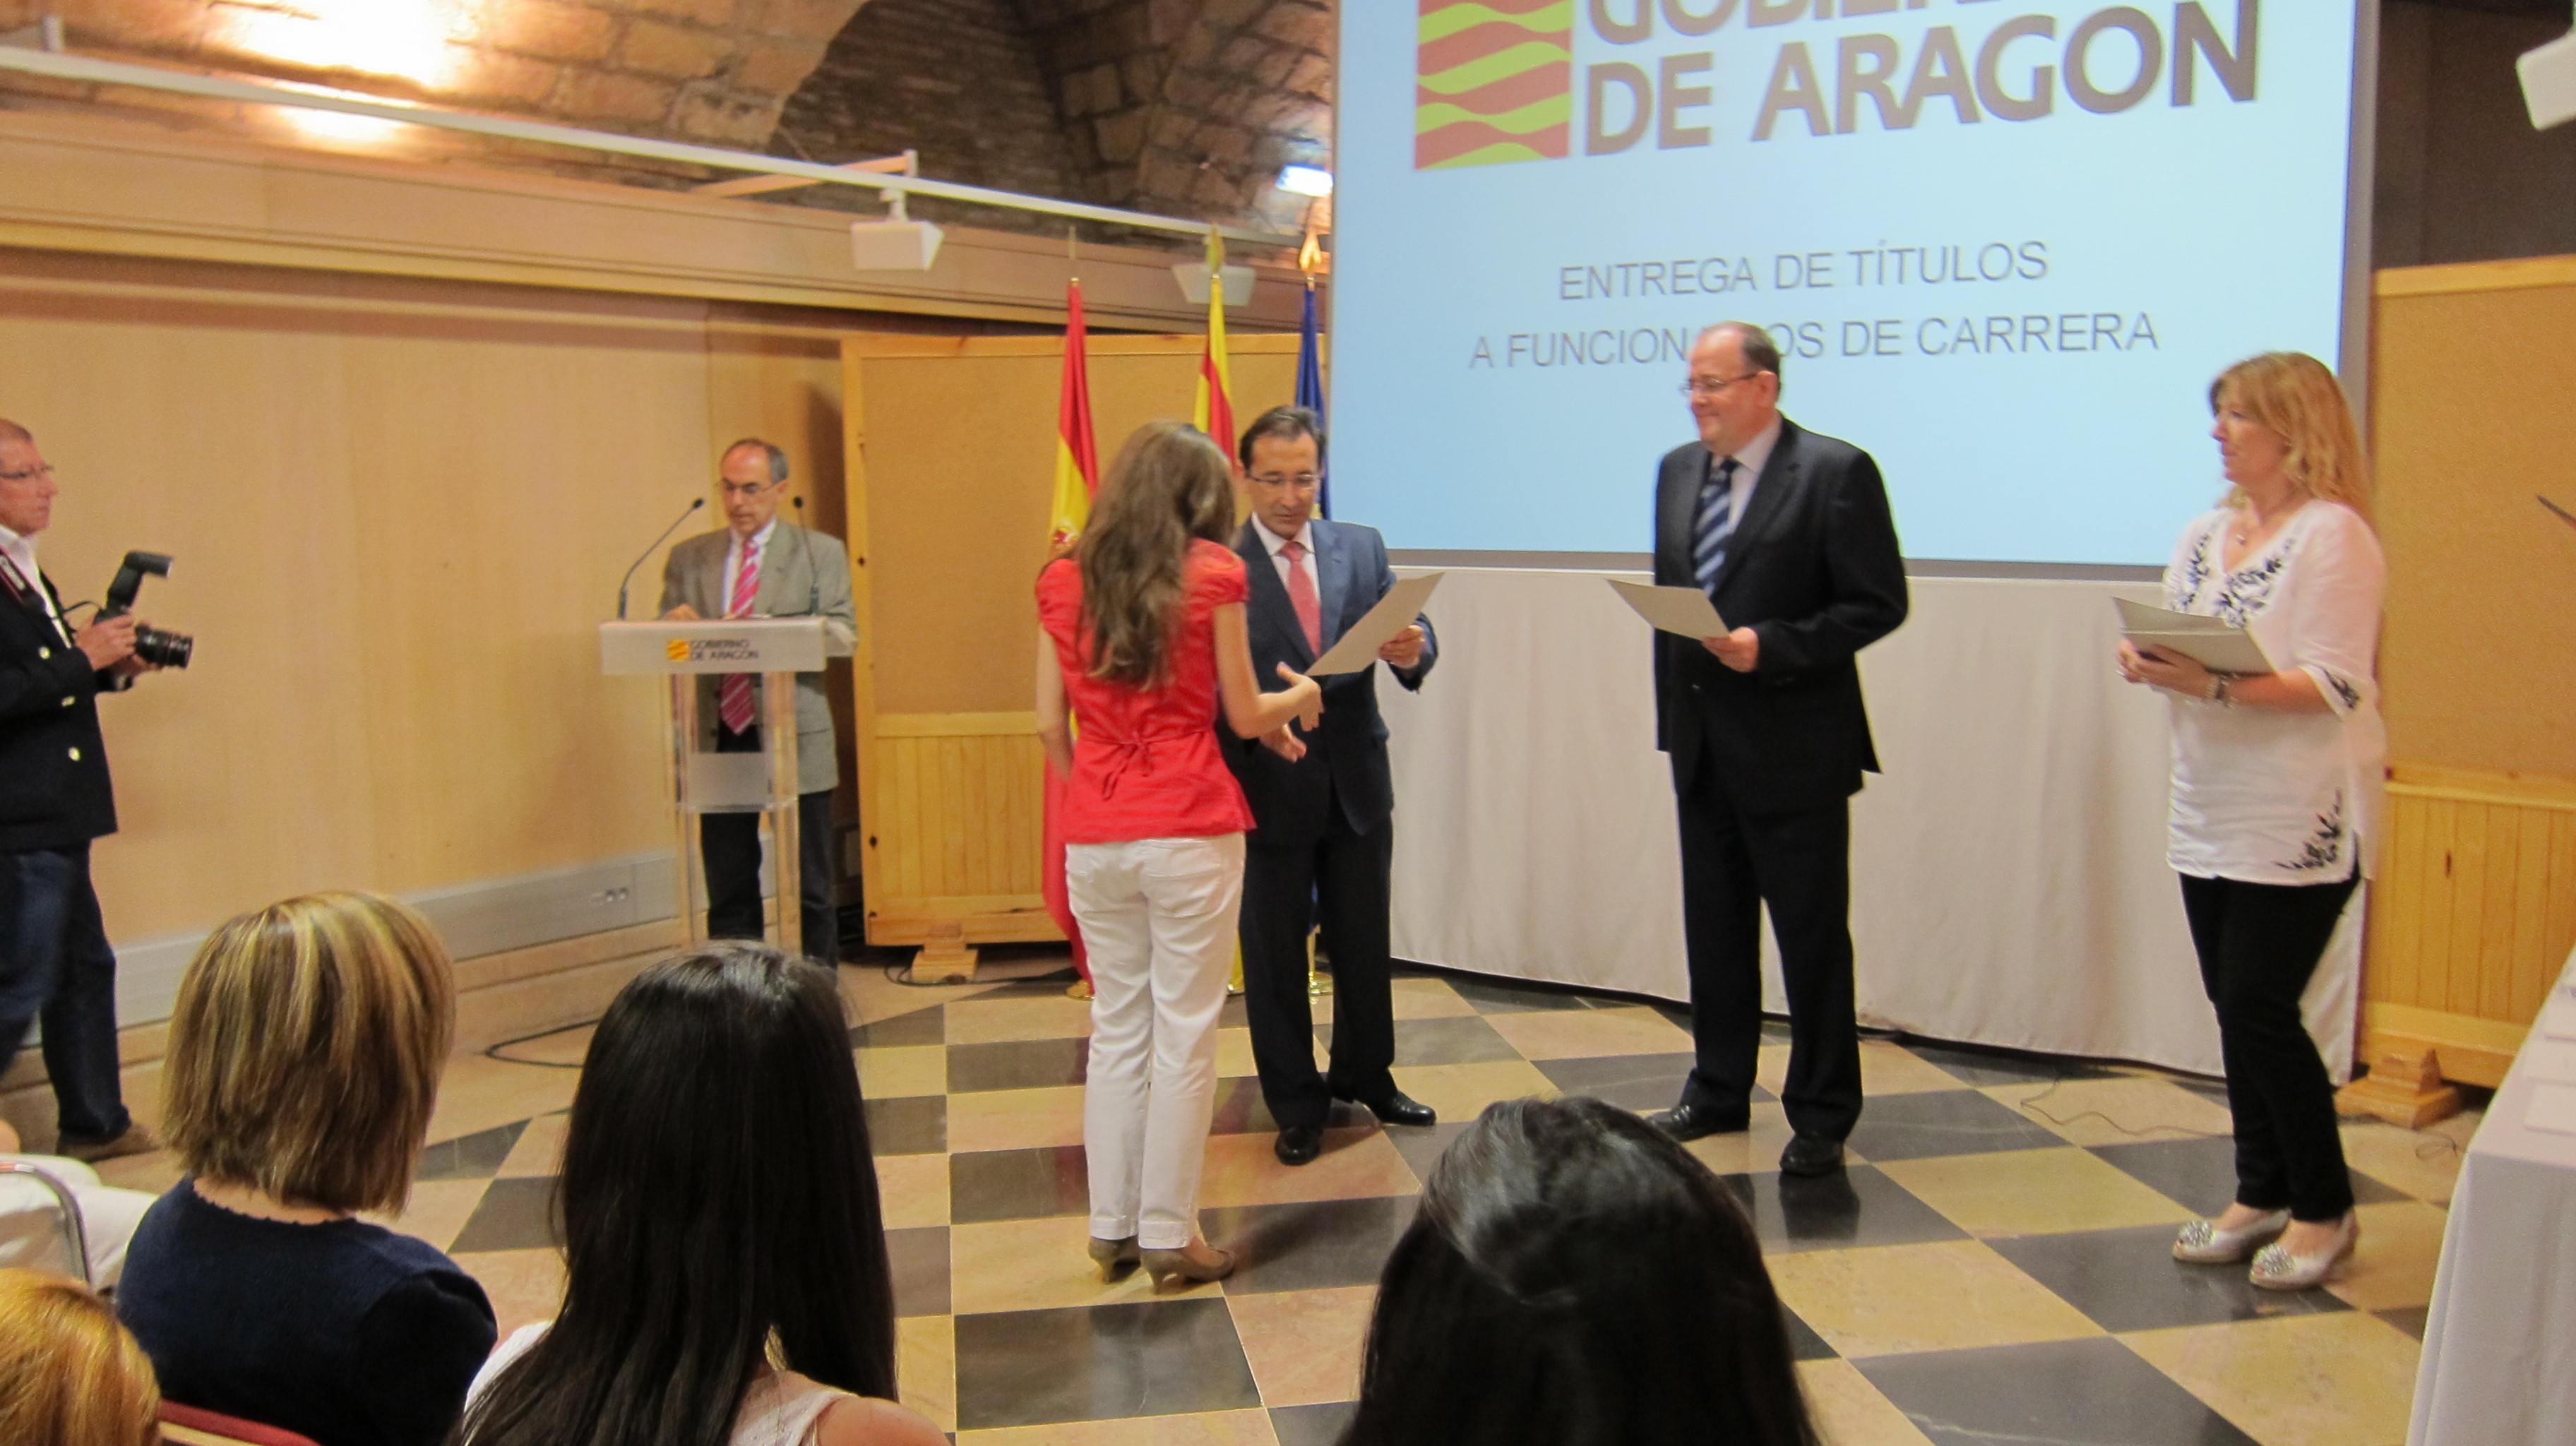 Unos 500 funcionarios se benefician de la primera fase de concursos de traslados en la Administración autonómica